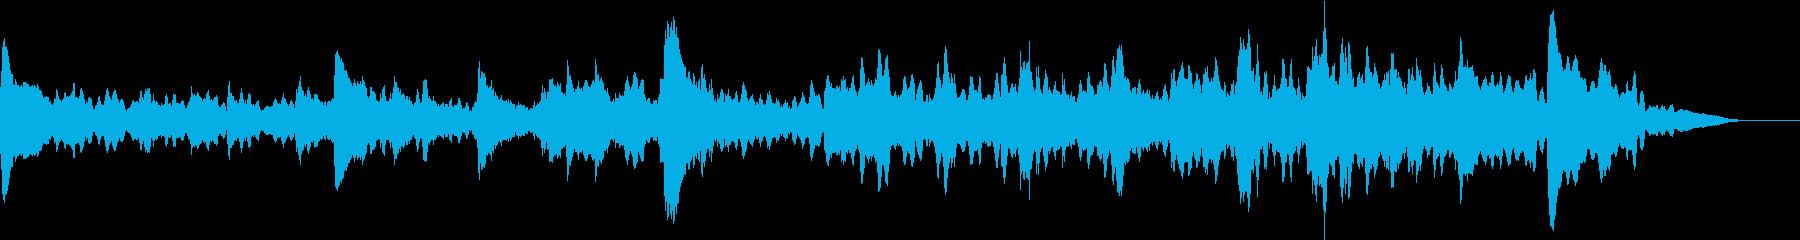 モダン テクノ アンビエント 実験...の再生済みの波形